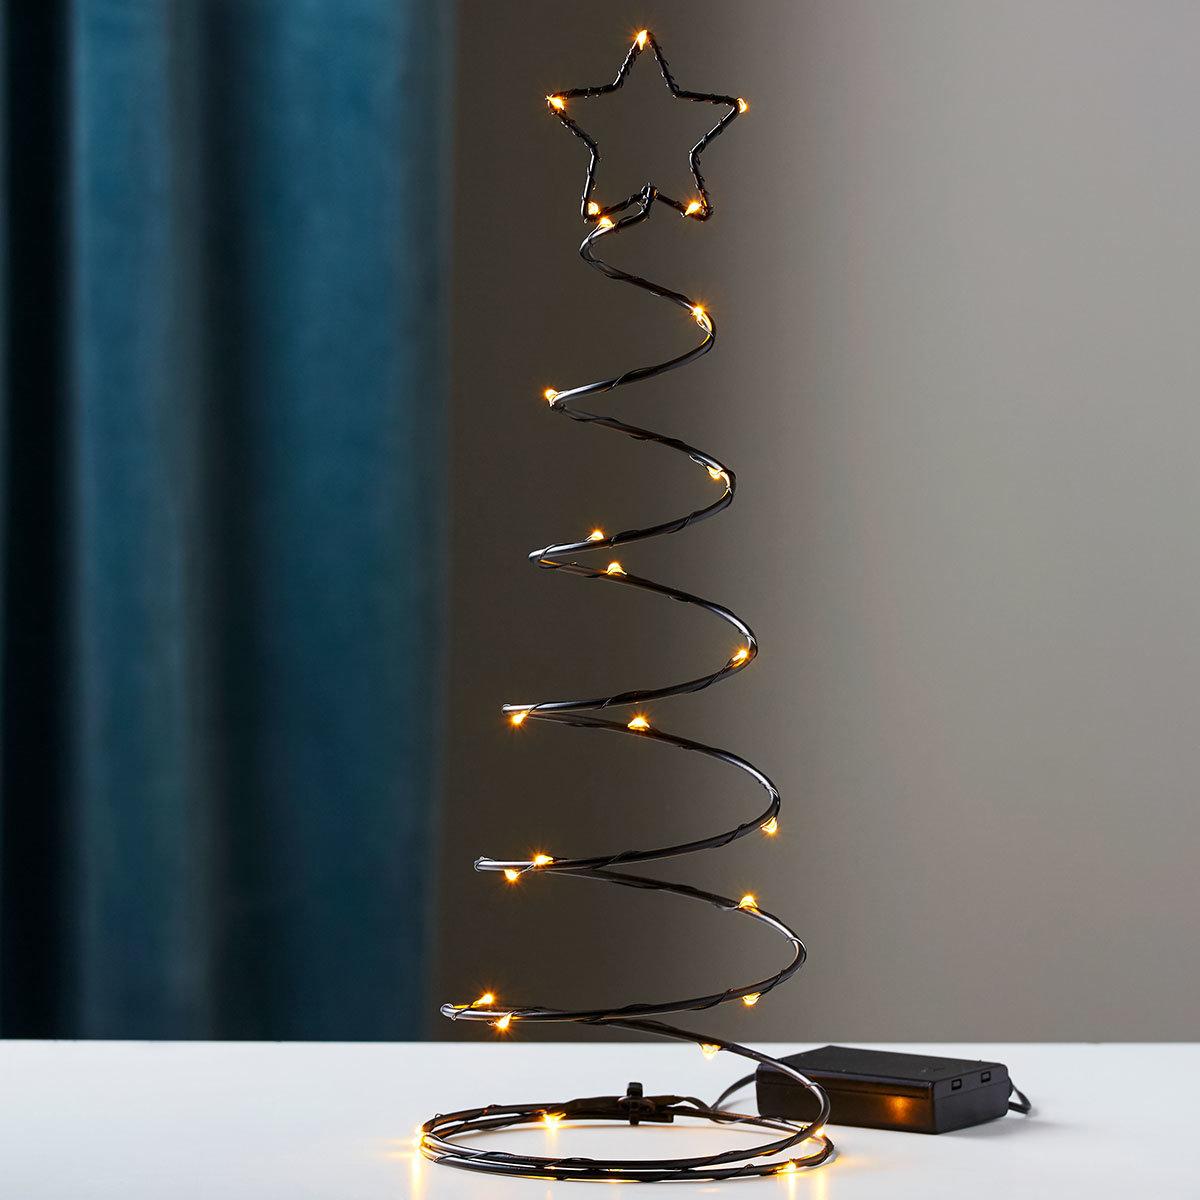 LED-Baum Dizzytree, 40x15x15 cm, Metall, schwarz